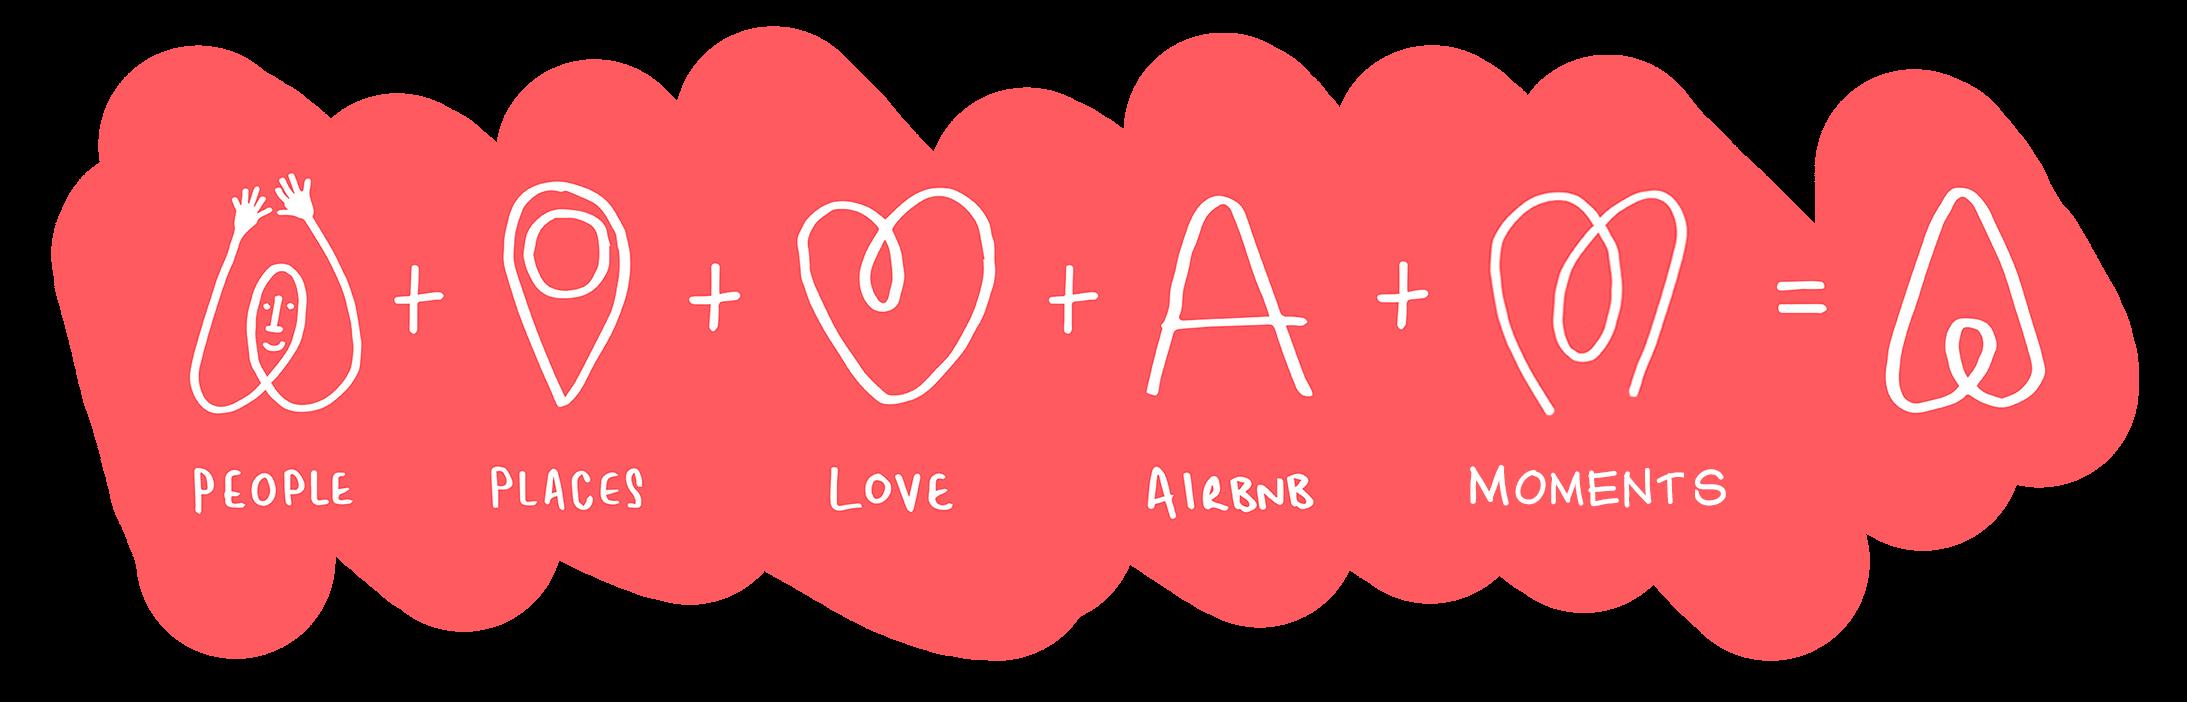 airbnb_tipy_lacno_ubytovanie_travelhacker